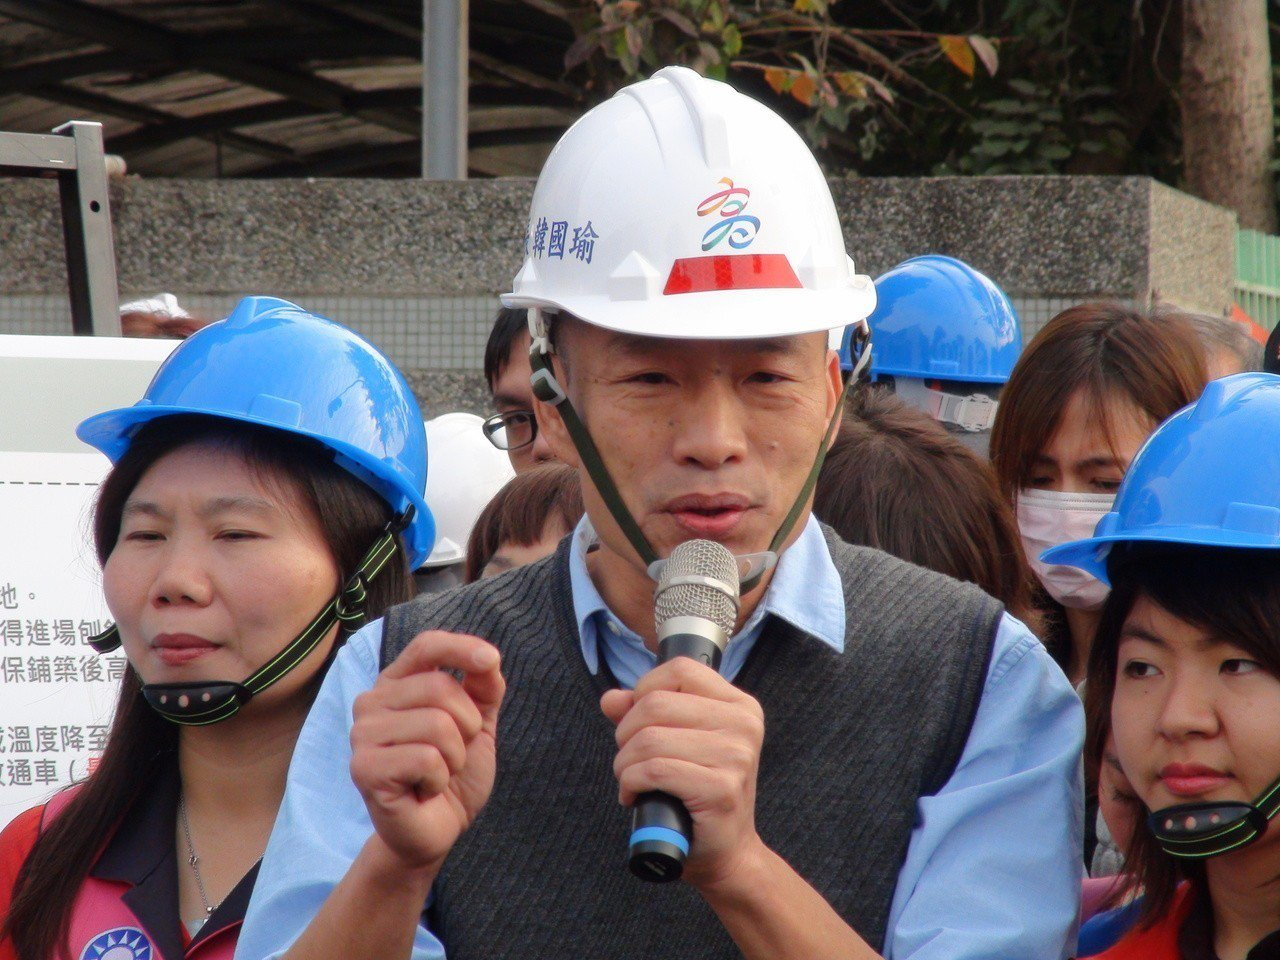 高雄市長韓國瑜說,可能會跟柯文哲會去日本旅遊玩,不會搭檔選總統。記者謝梅芬/攝影